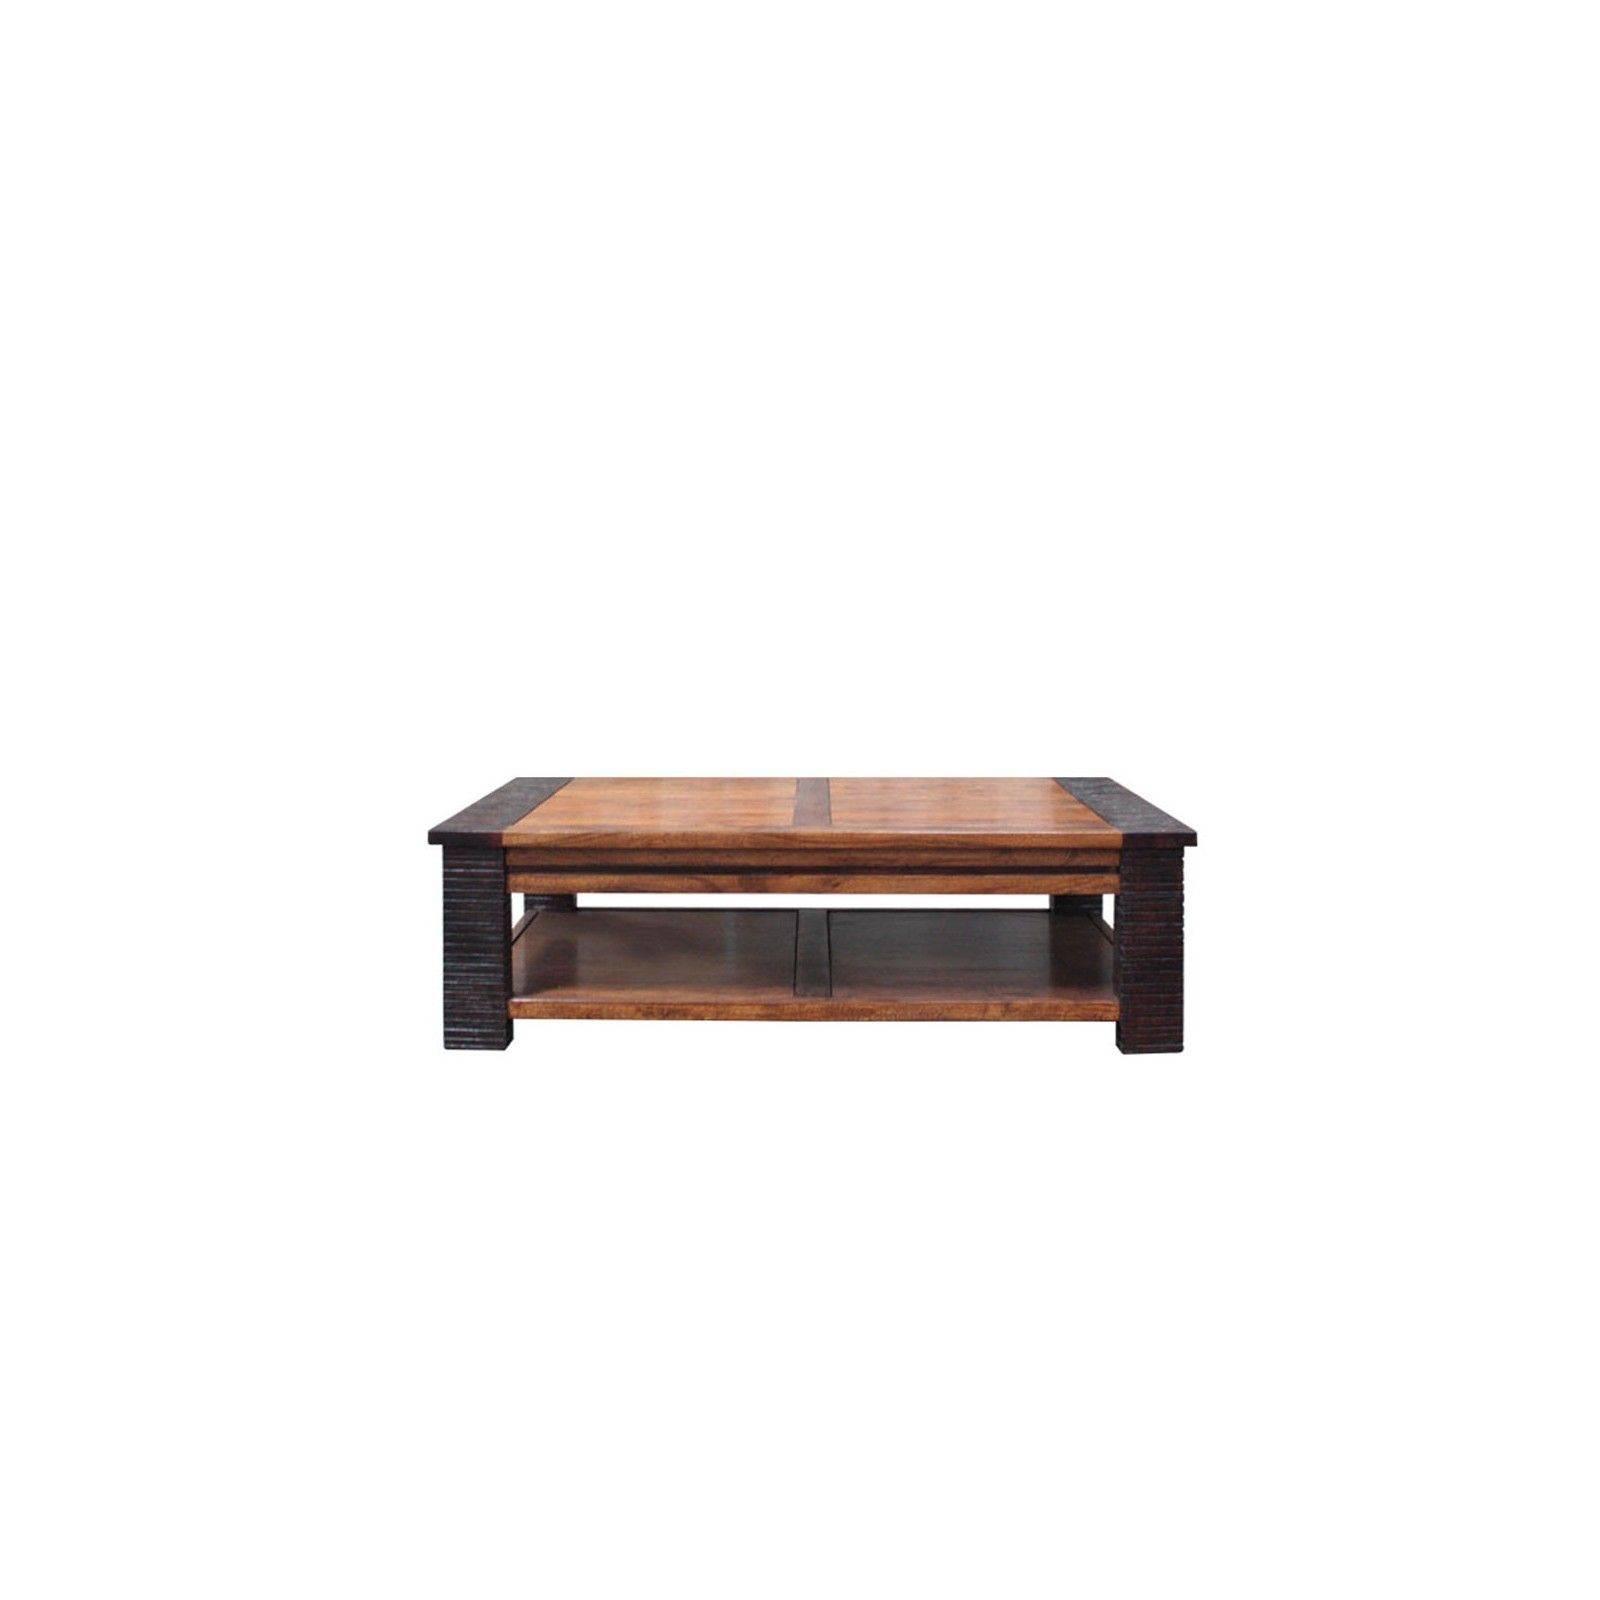 Table basse rectangulaire Moon ethnique chic en bois d'acacia massif